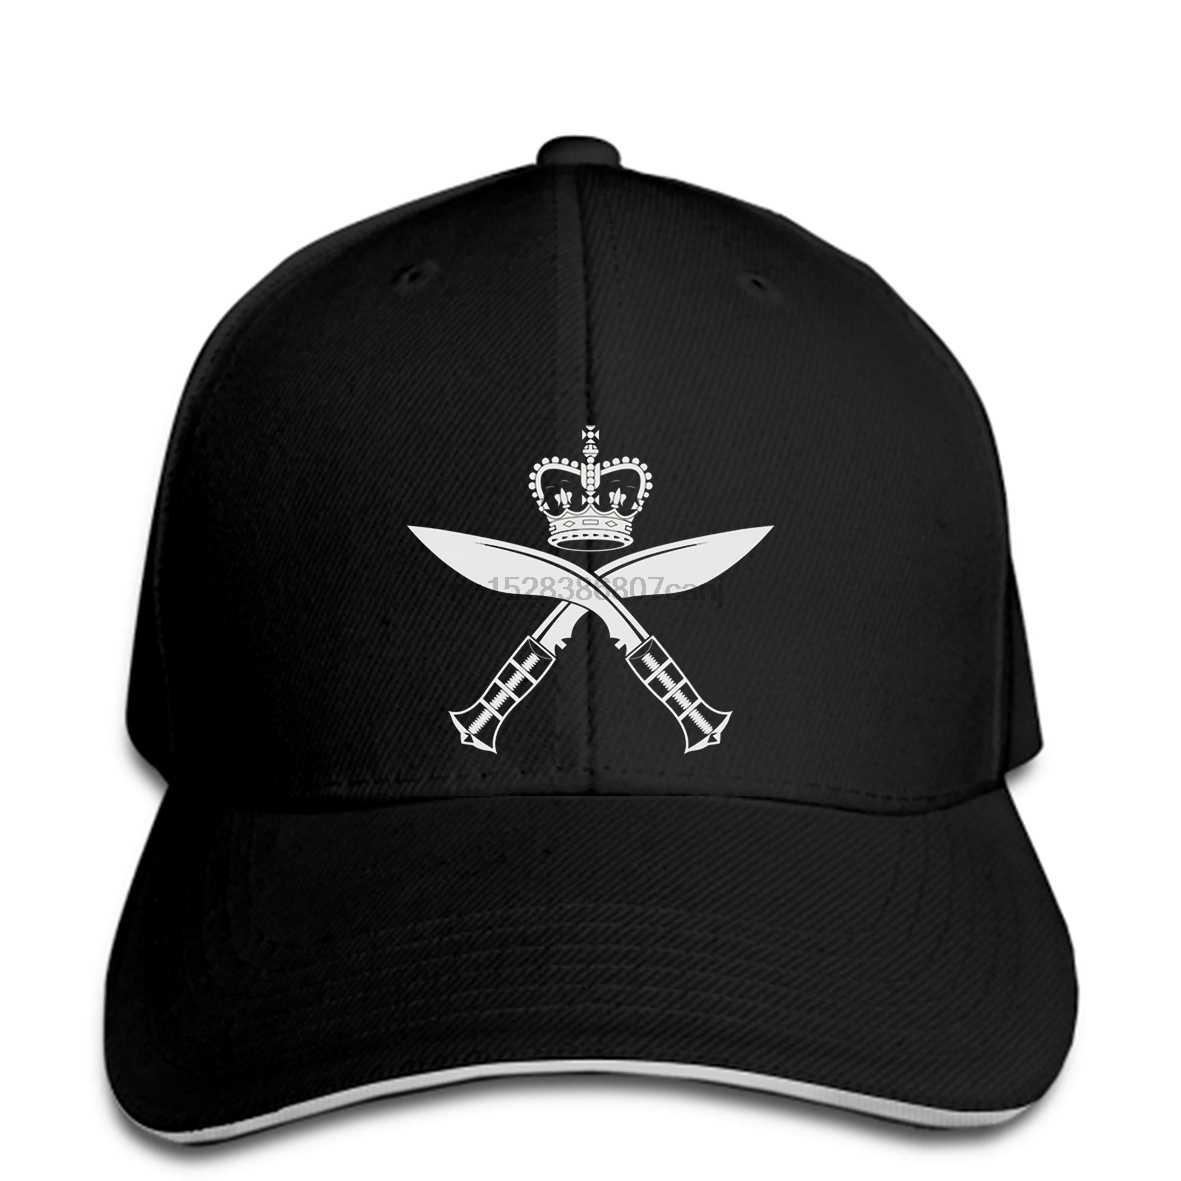 Mũ bóng chày GURKHA PHÙ HIỆU KUKRI MACHETE TRUNG ĐOÀN LẤY CẢM HỨNG TỪ QUÂN ĐỘI LOGO NGƯỜI LỚN Mới Bóng Chày mũ Mới In hat Vui